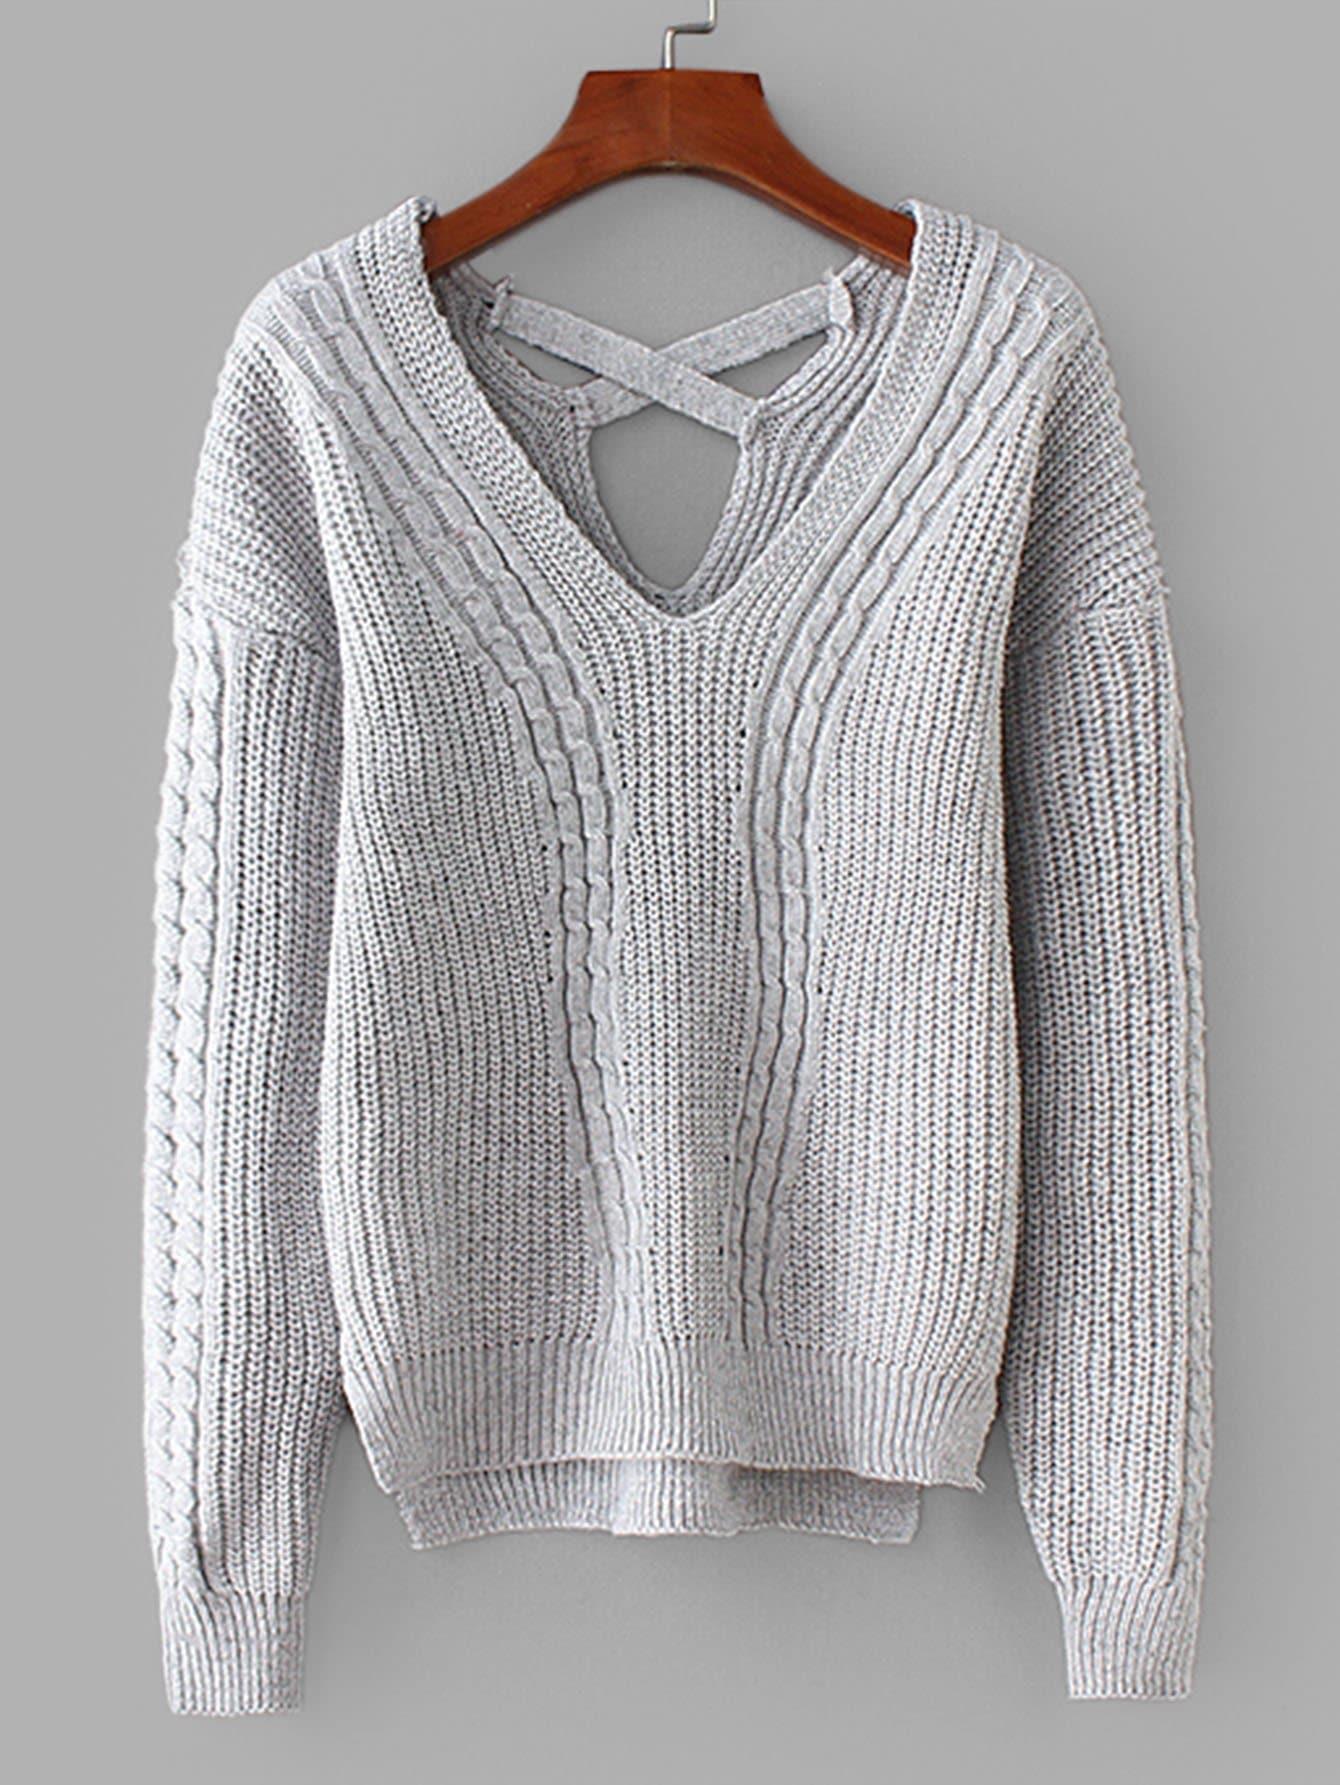 Купить Вязаный асимметричный свитер крест-на-крест назад, null, SheIn